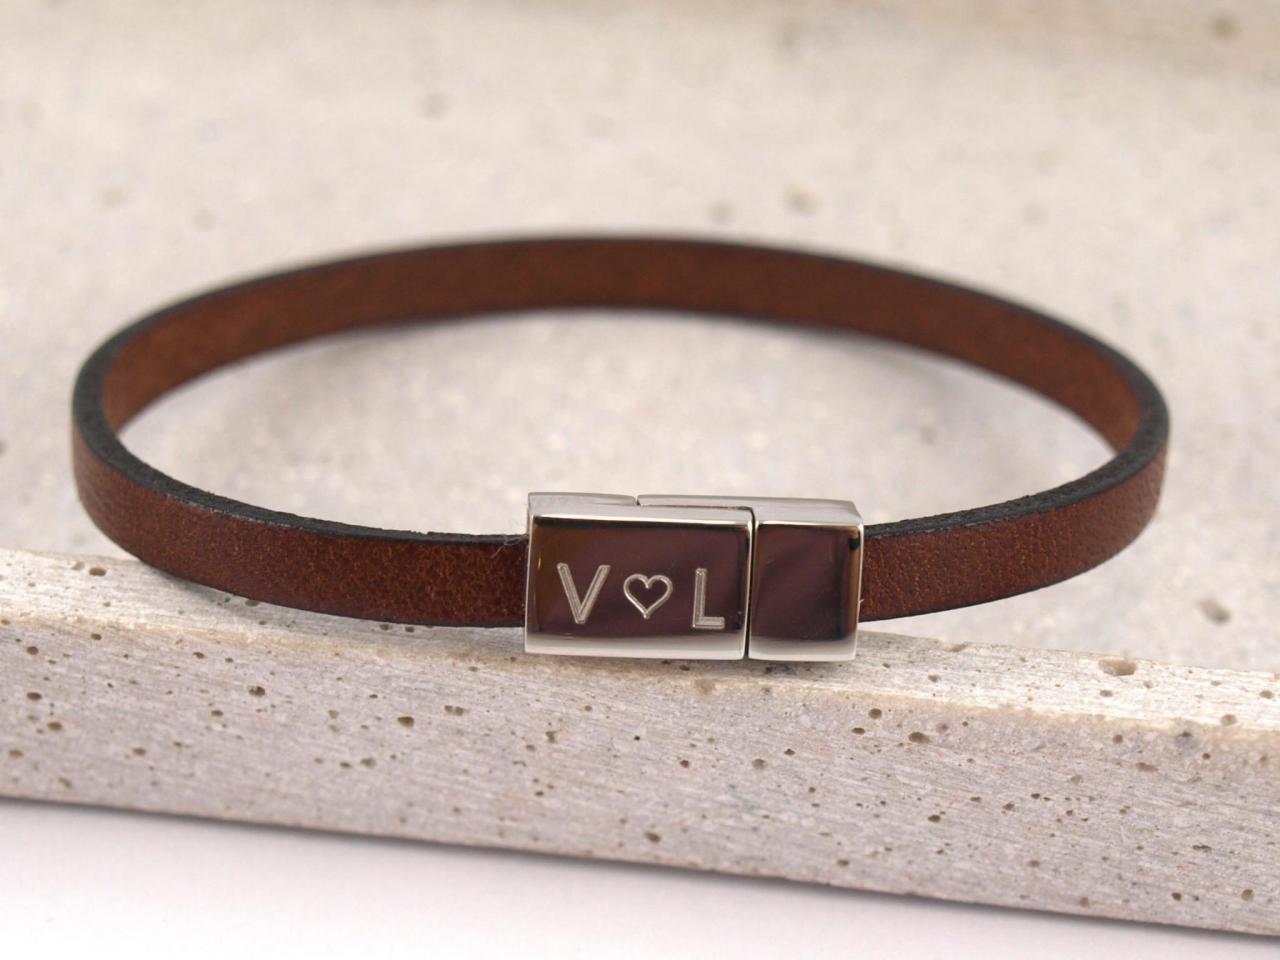 Paula schmales Lederarband braun mit Gravur Herz auf Edelstahl Magnet Verschluss